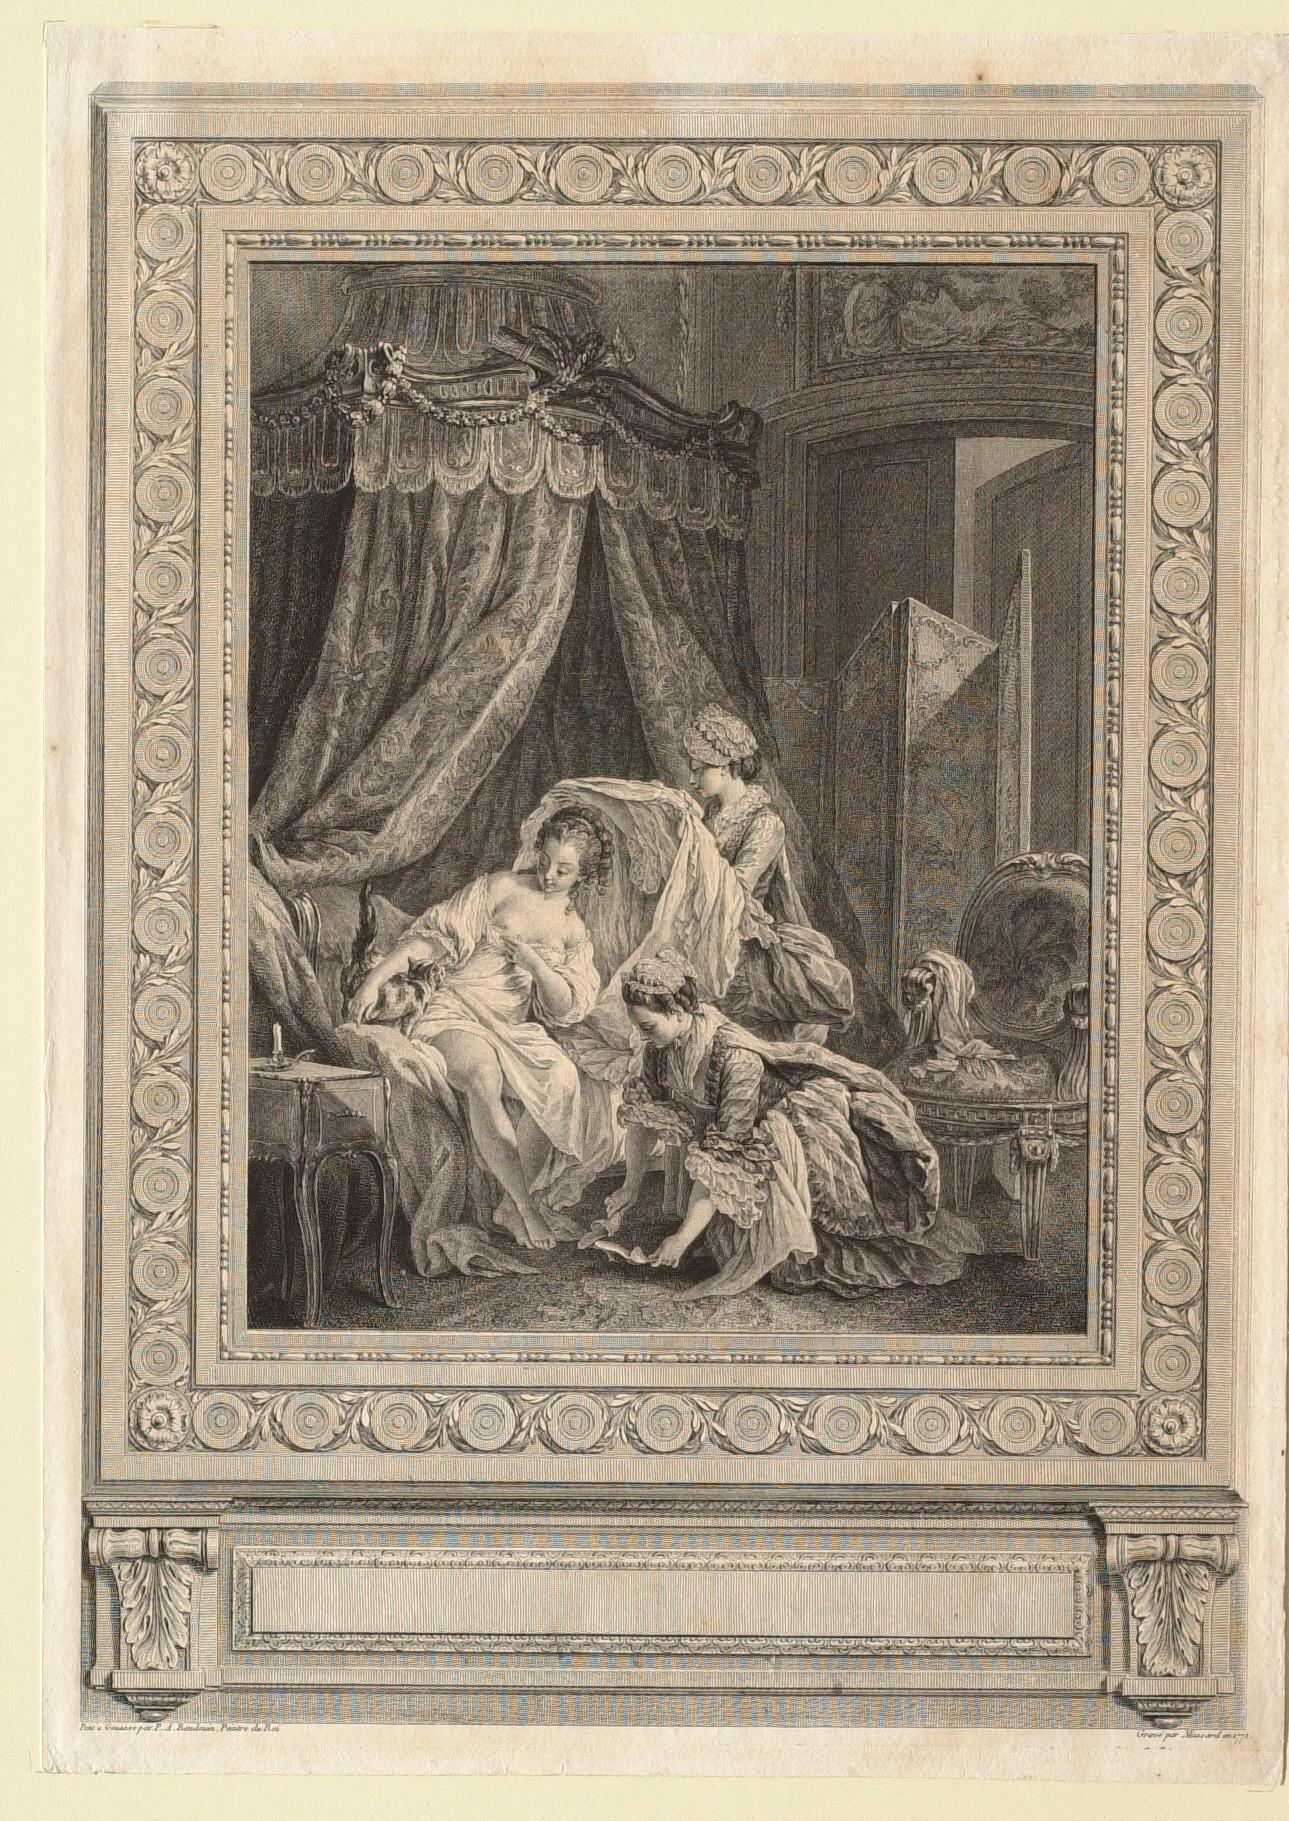 Le lever Massart d'apres Baudoin 1771